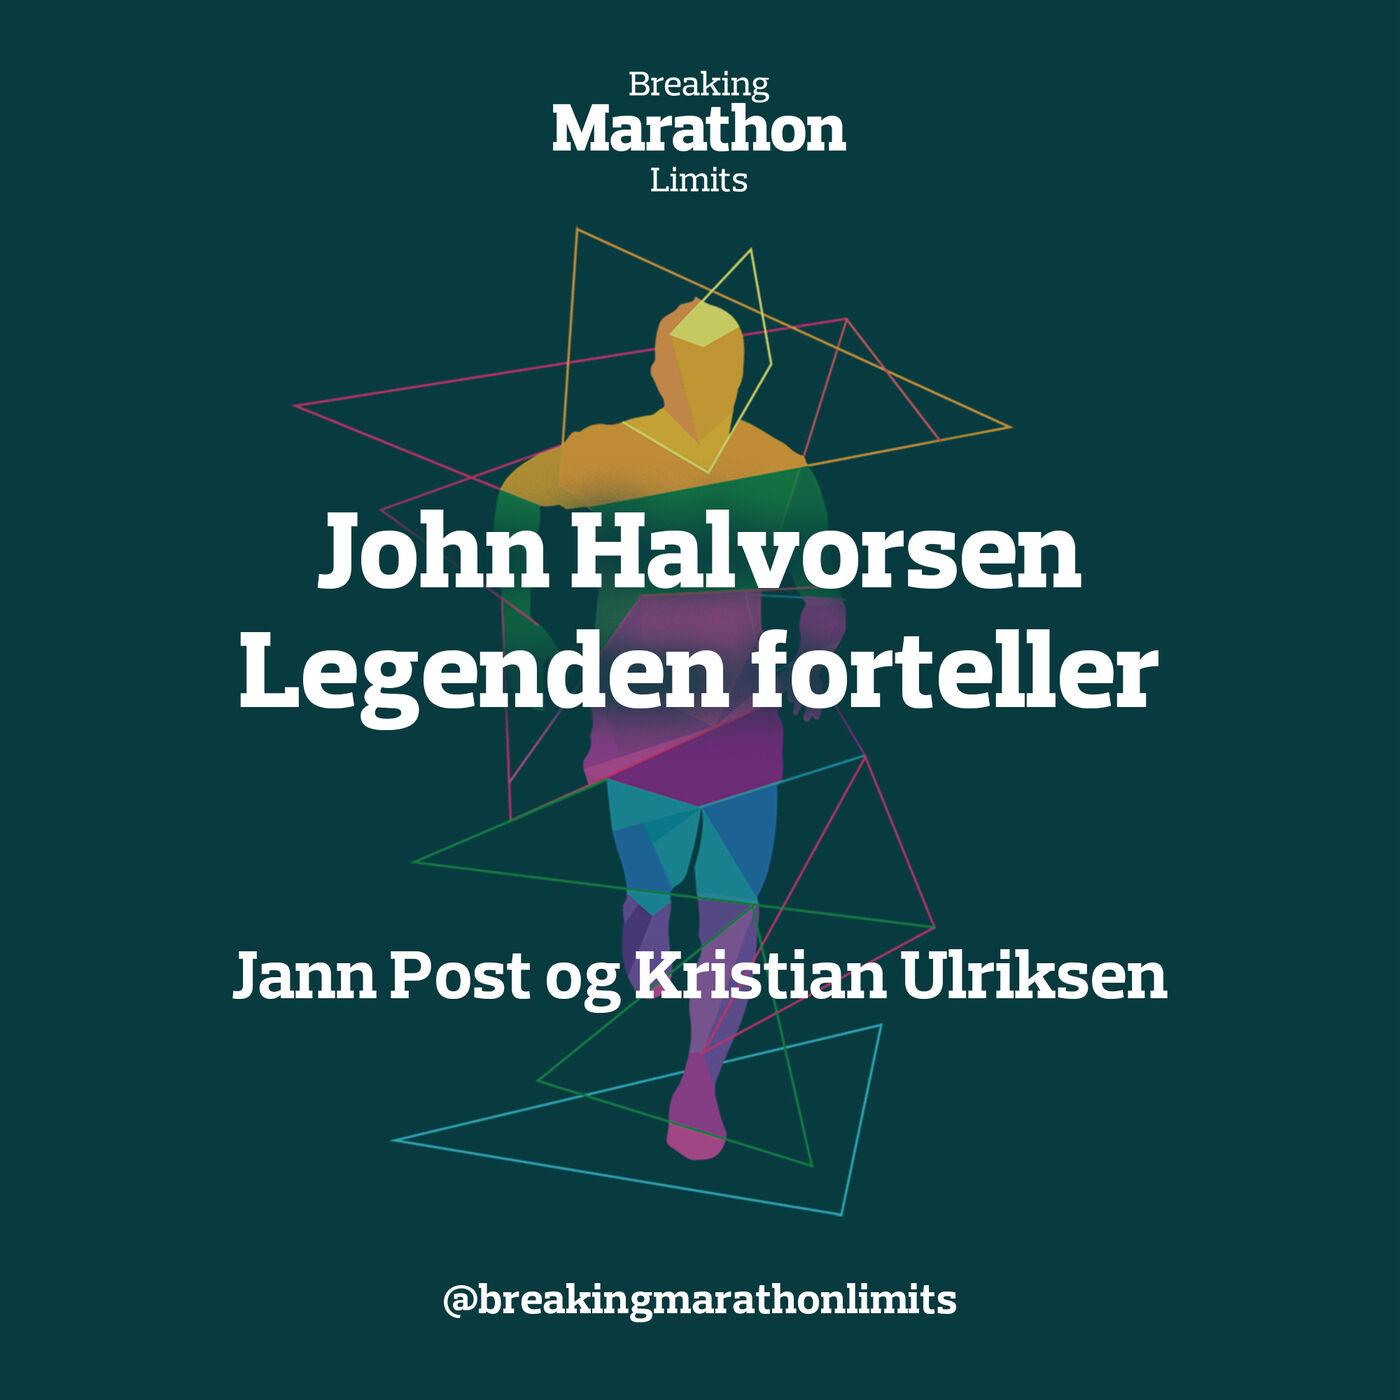 John Halvorsen - Legenden forteller